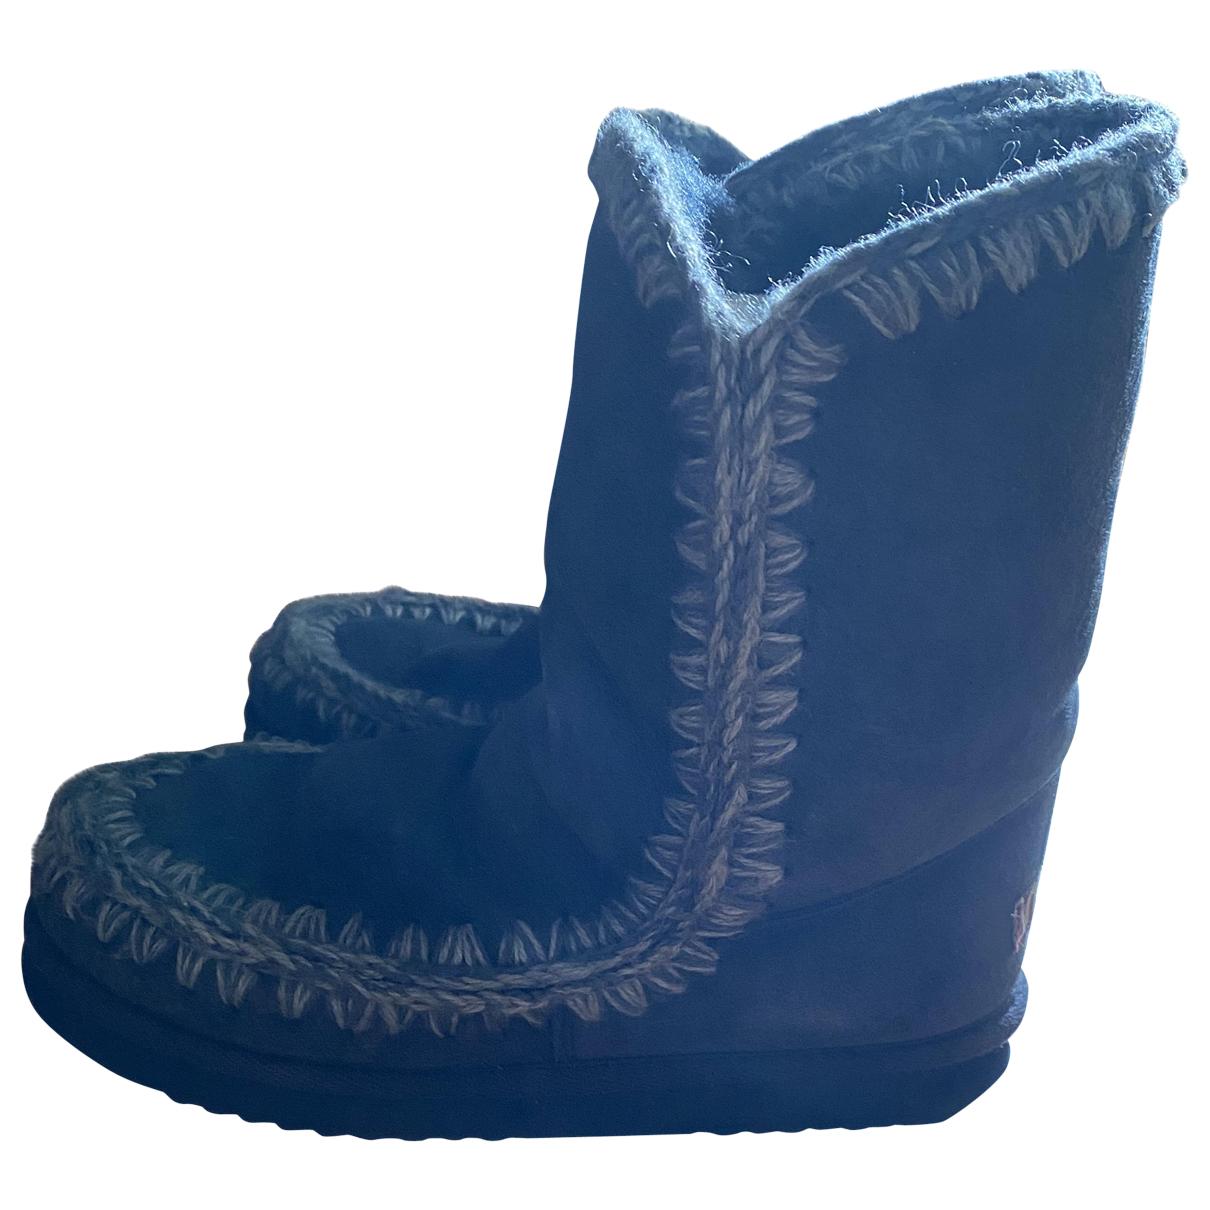 Mou \N Stiefel in  Blau Schaf